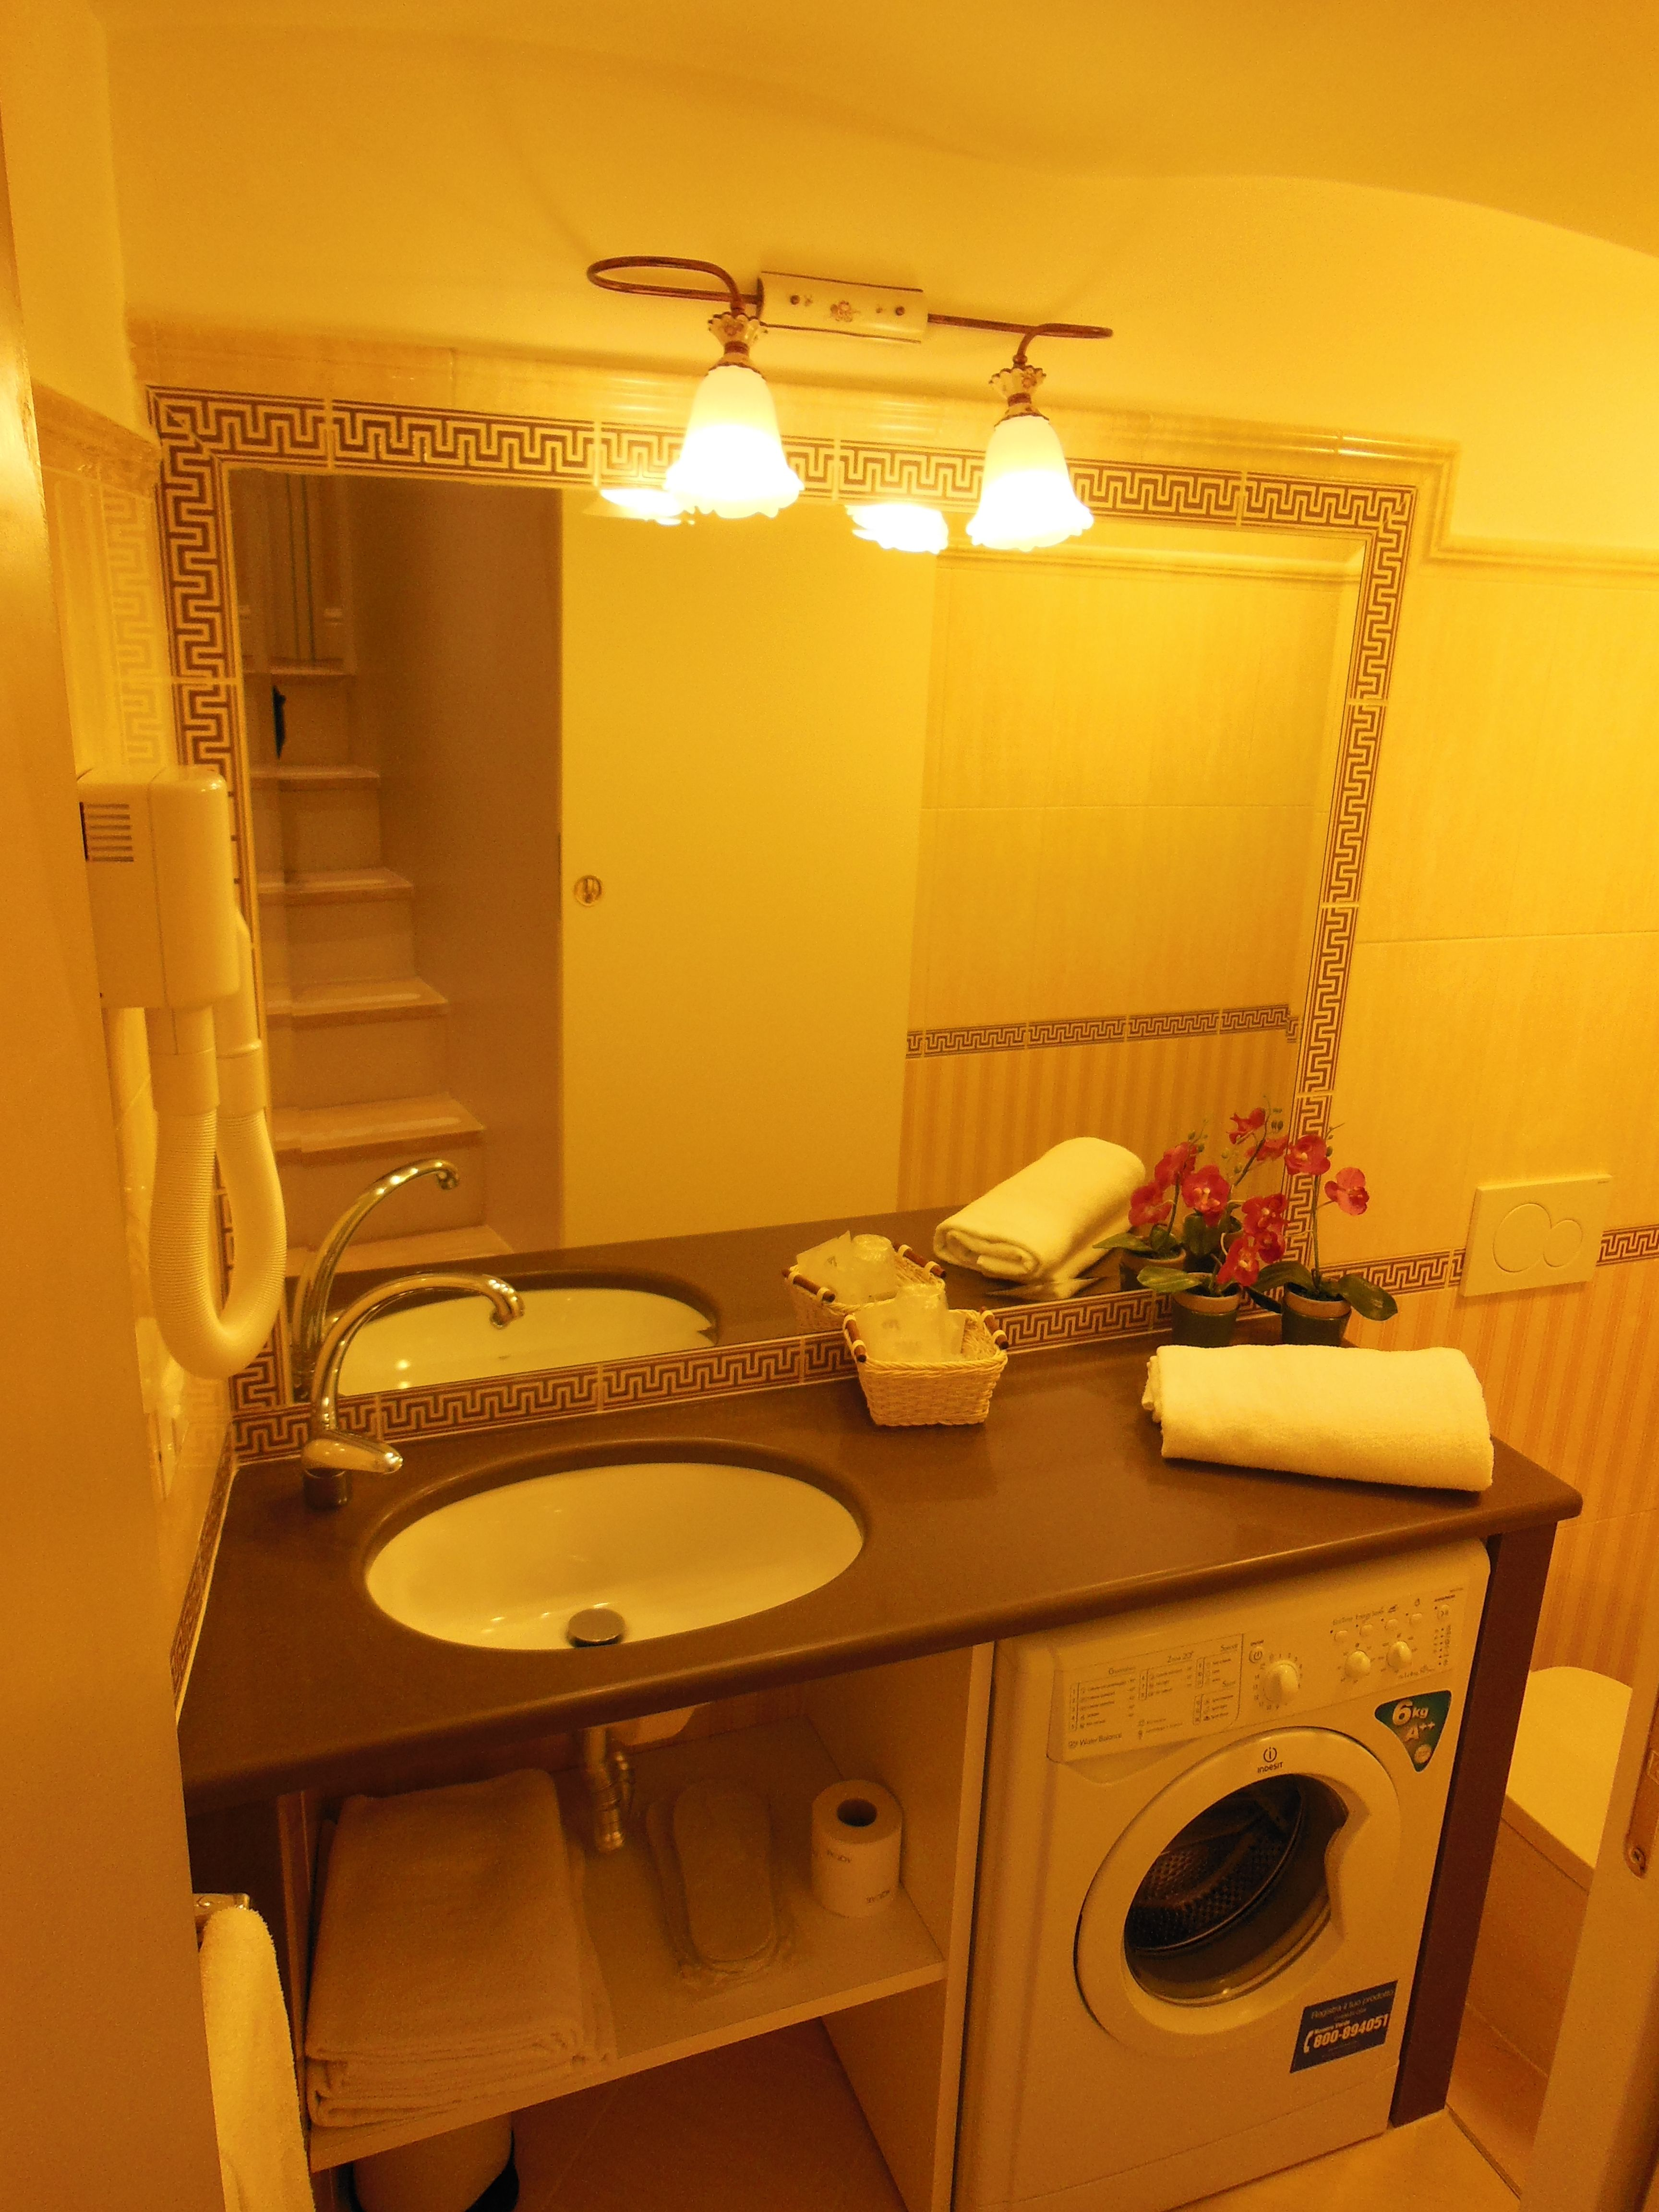 Appartamento - Bagno con lavatrice / Apartment - Bathroom with ...